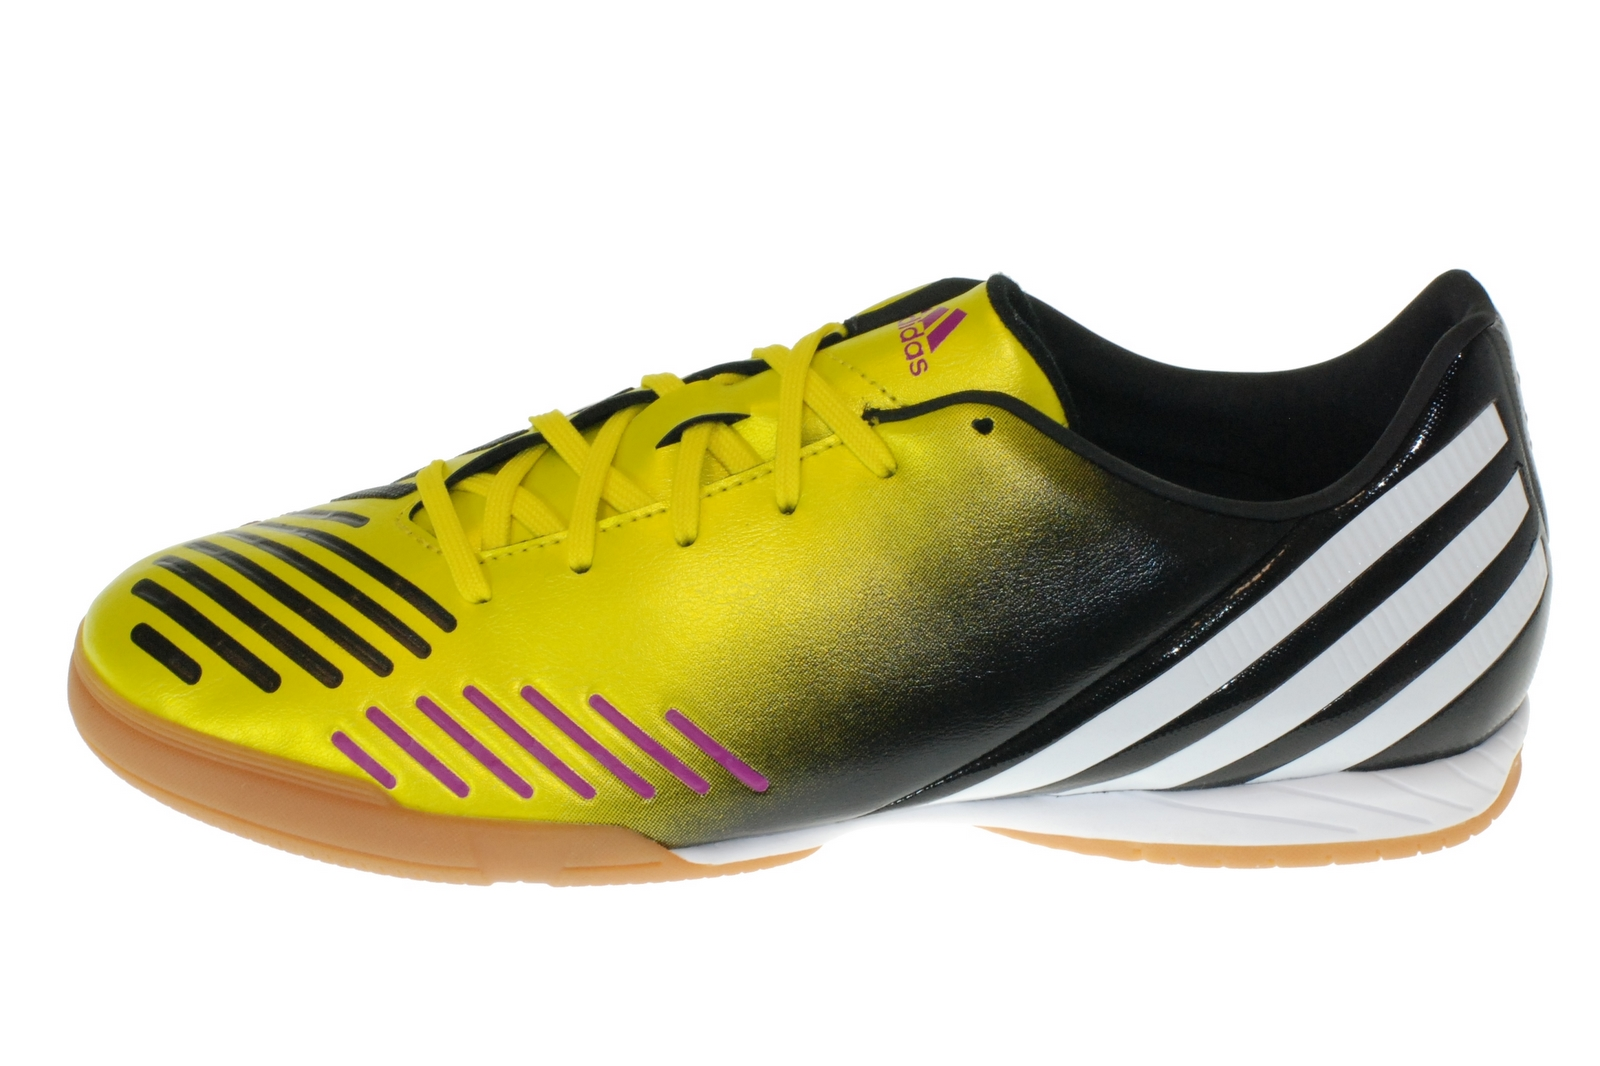 Buty adidas P Absolado Lz In Q20938 r.43 1/3